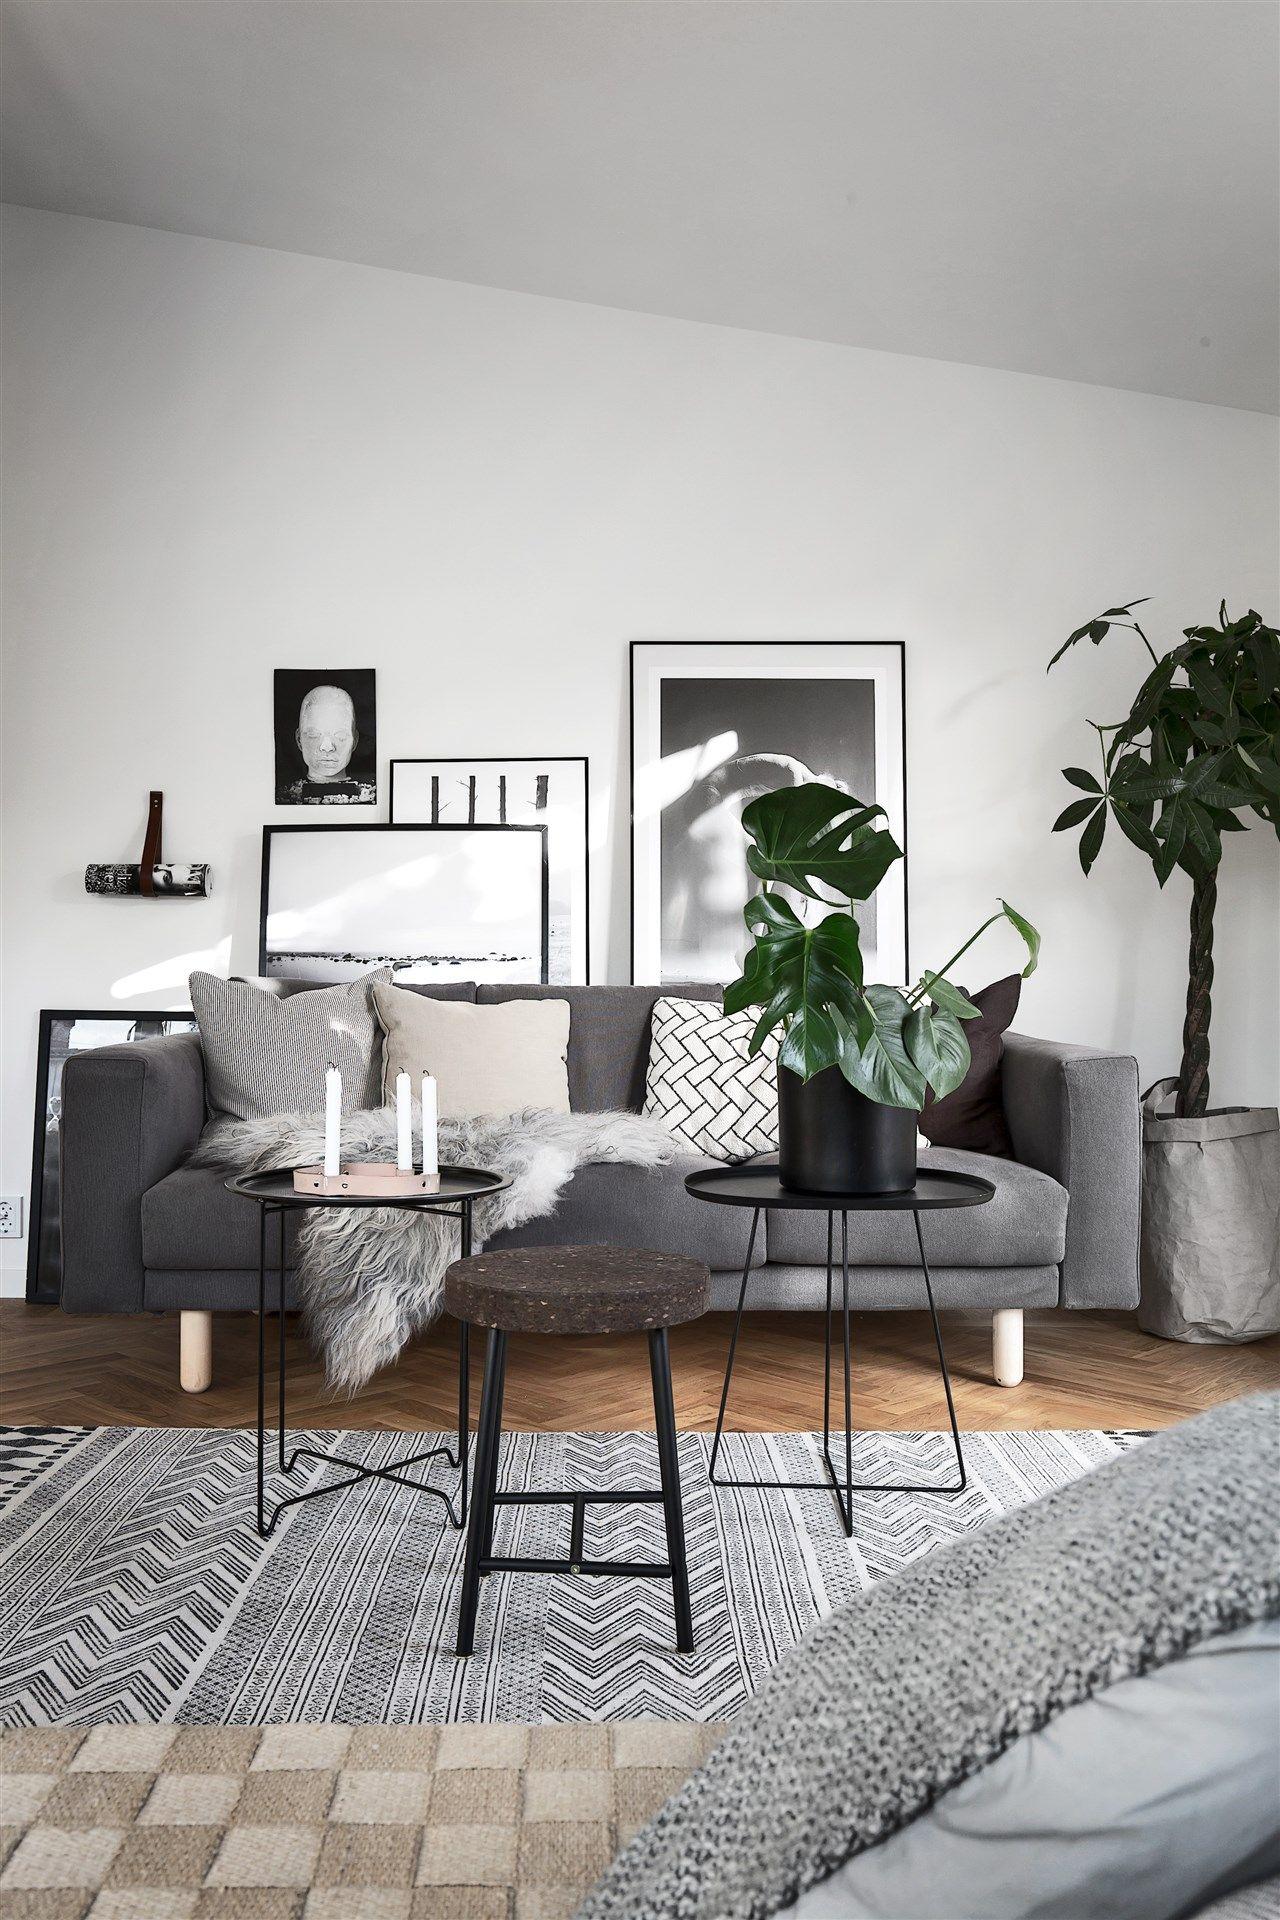 Schon Schlafzimmer, Wohnzimmer, Wohnraum, Einrichtung, Wohnen, Dekoration, Wohnzimmer  Ideen, Architektur Innenarchitektur, Spielzimmer